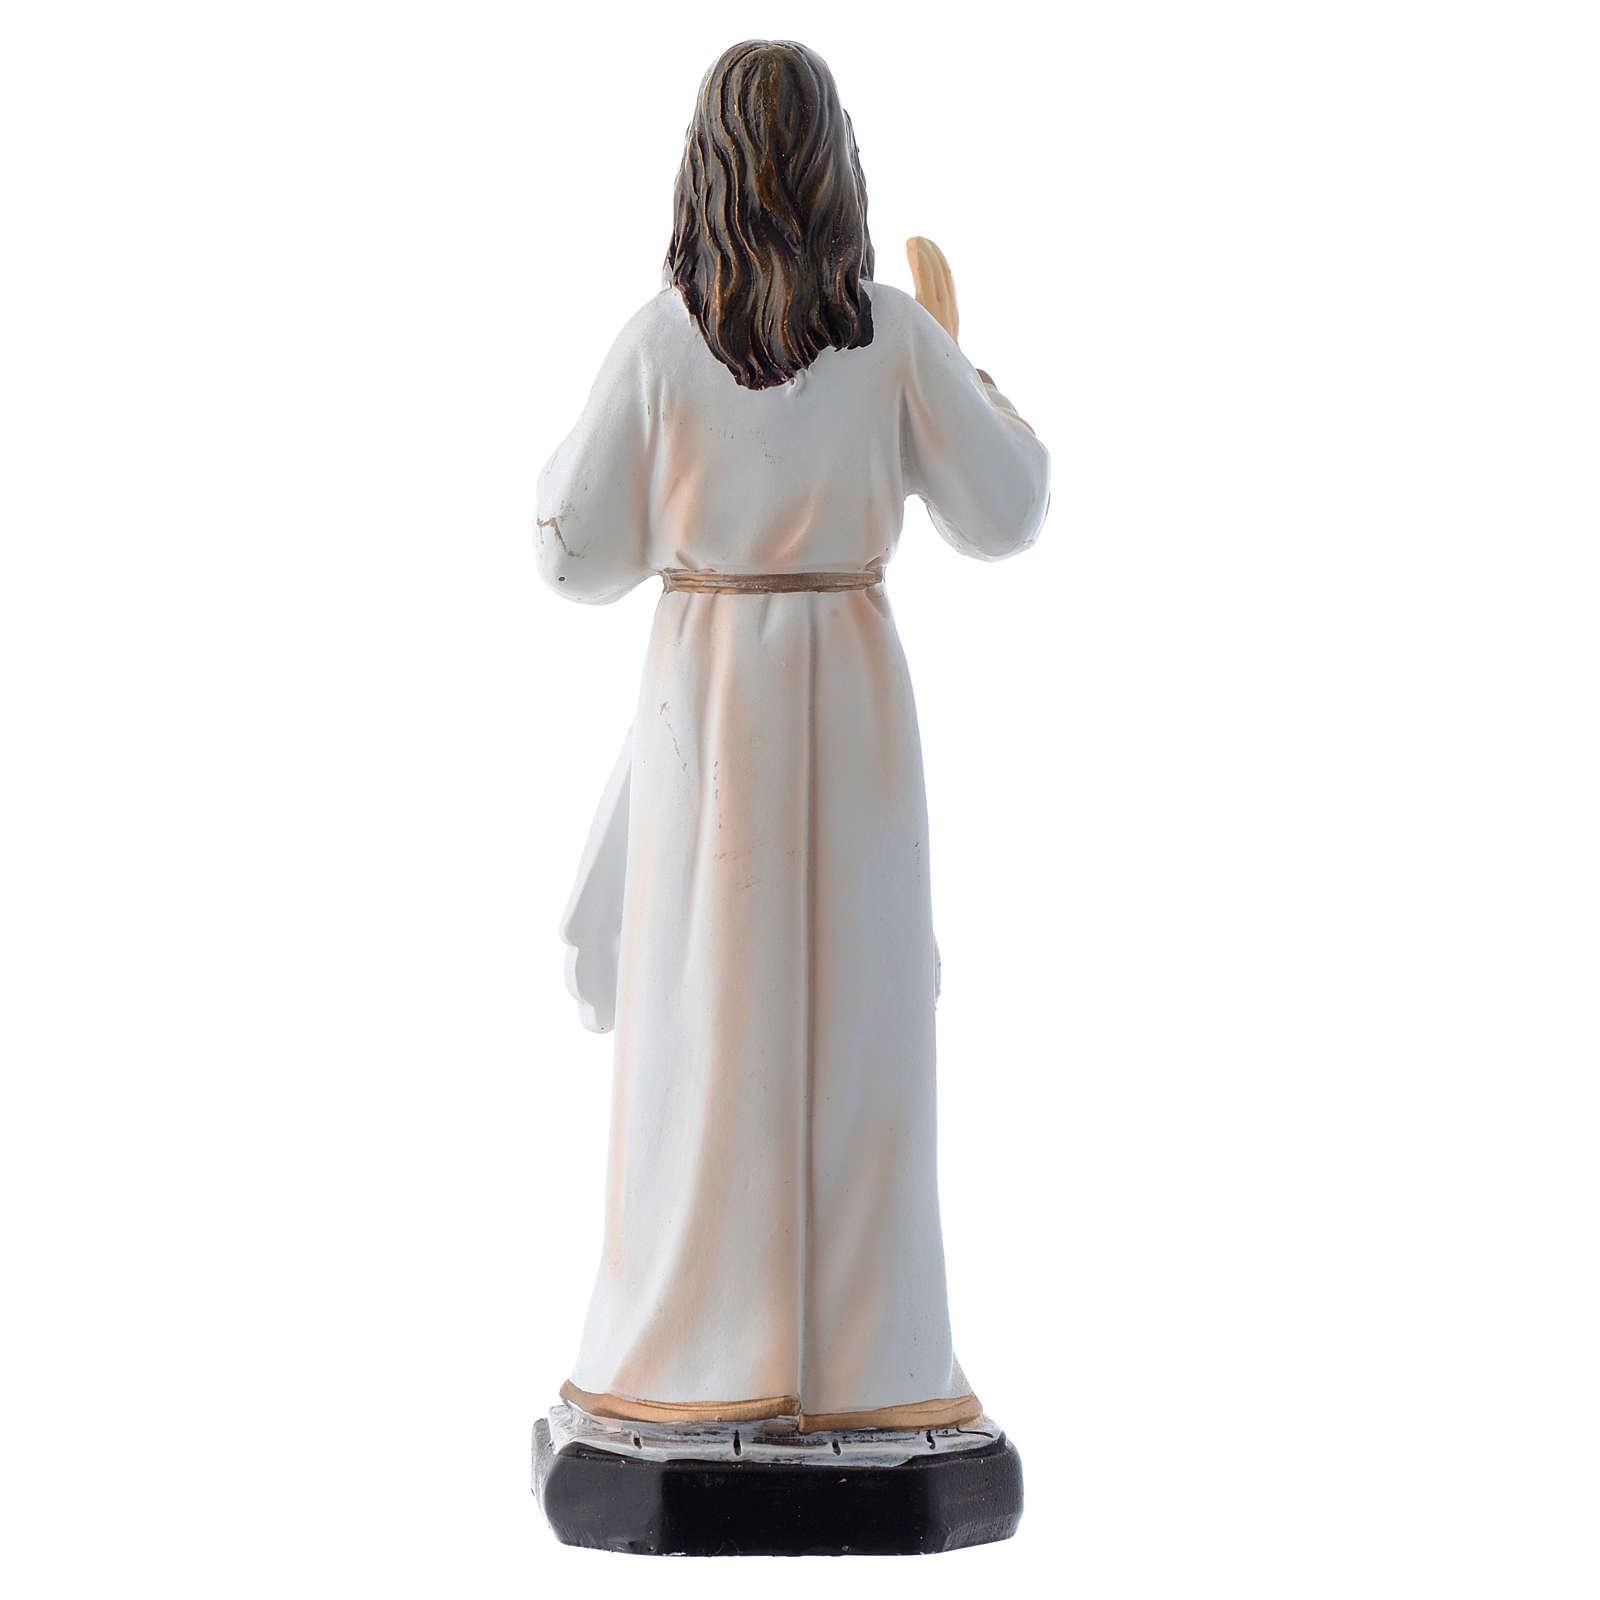 Gesù Misericordioso 12 cm pvc confezione PREGHIERA MULTILINGUE 4